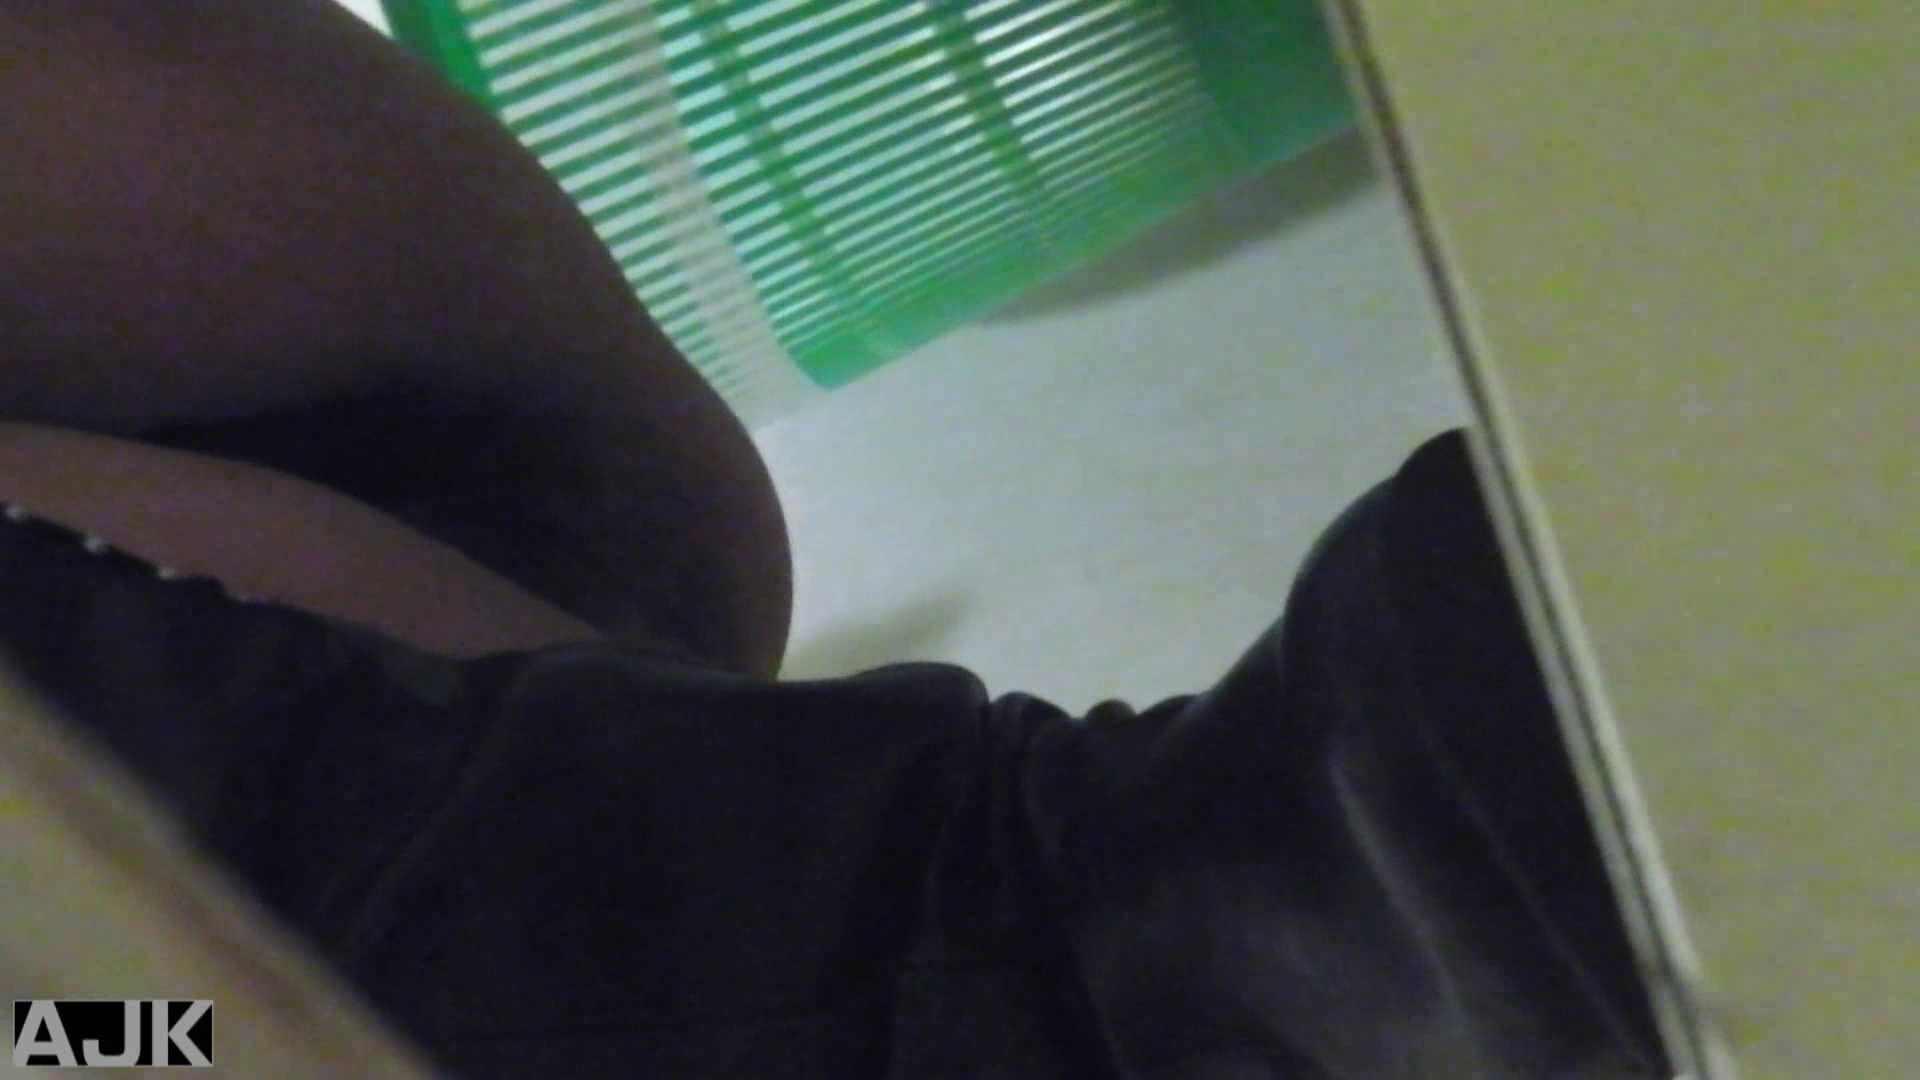 神降臨!史上最強の潜入かわや! vol.01 OLセックス 覗きオメコ動画キャプチャ 89画像 58